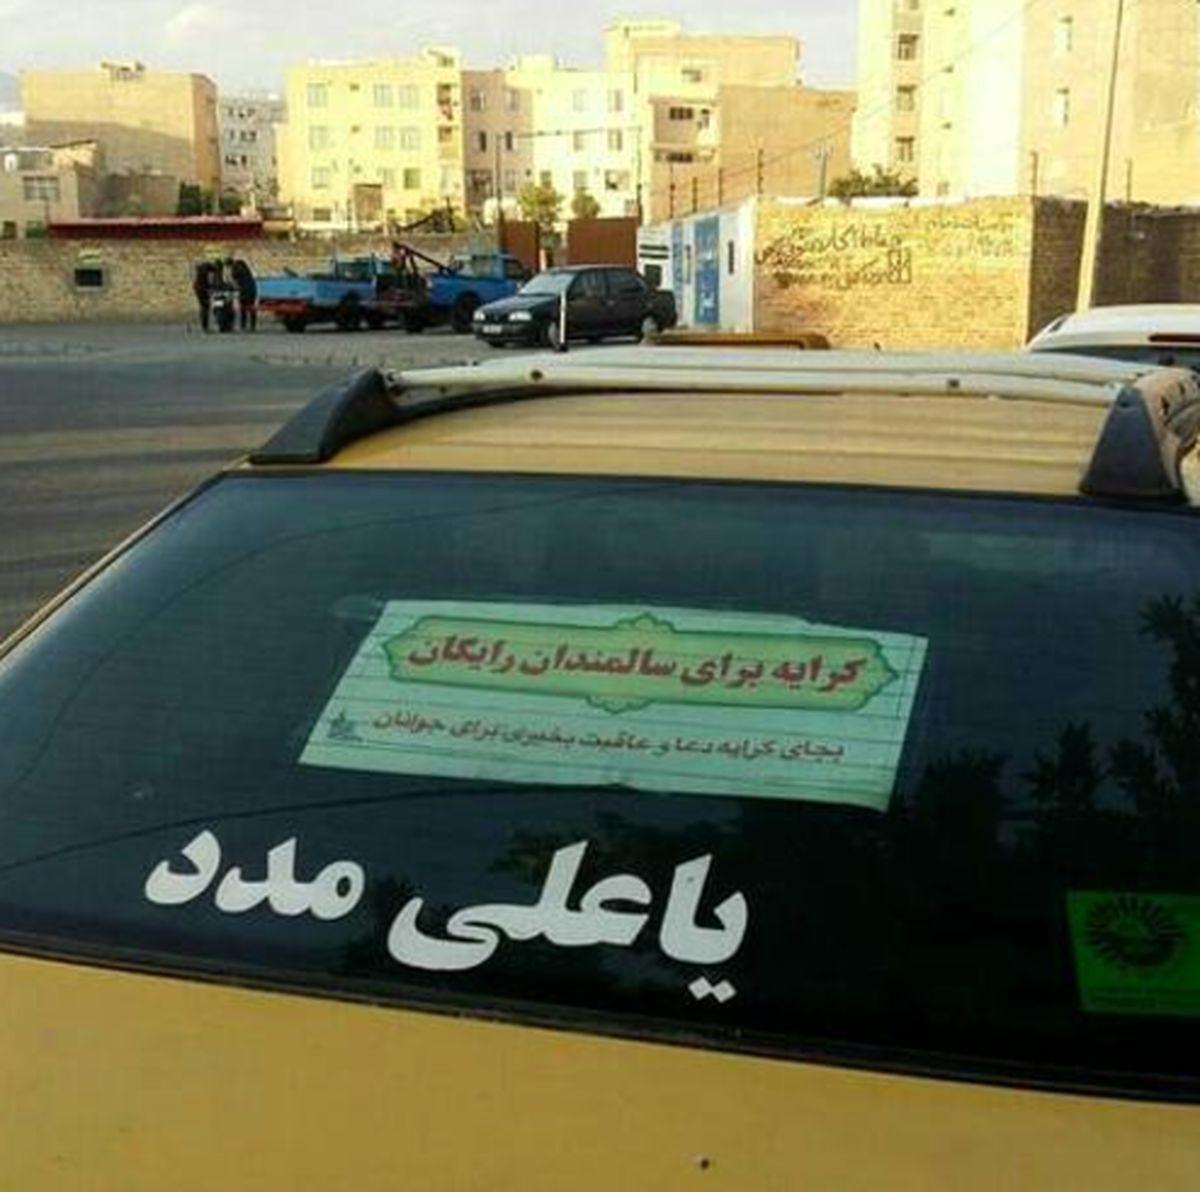 عکس: اقدام پسندیده یک راننده تاکسی